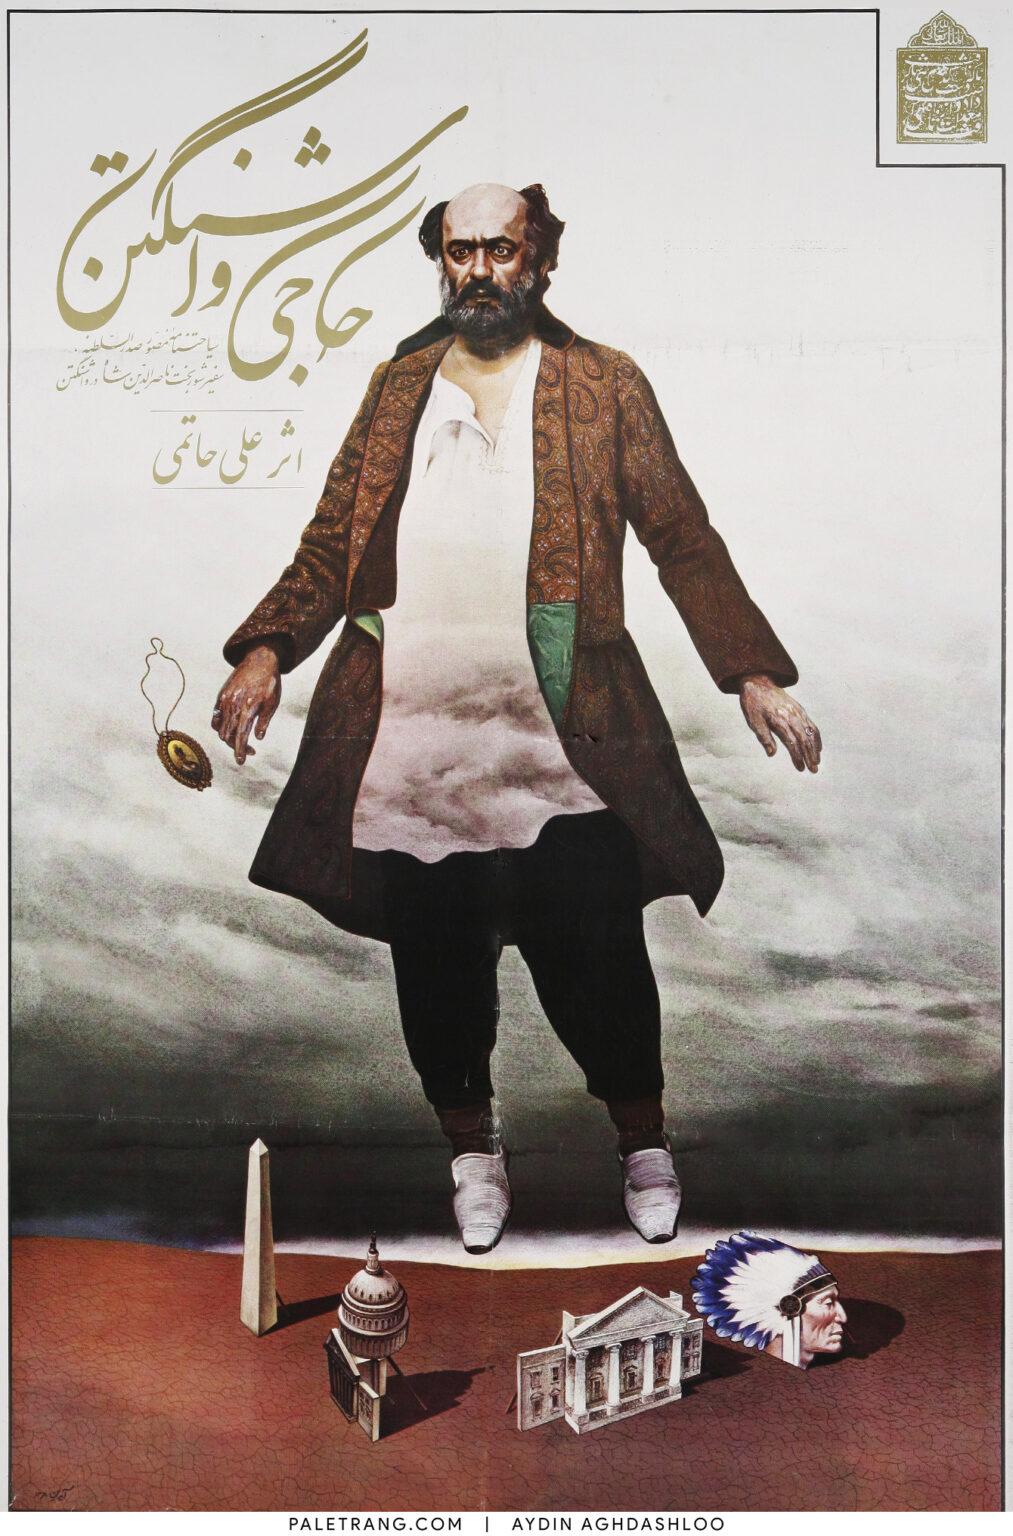 پوستر فیلم سینمایی حاجی واشنگتن اثر آیدین آغداشلو